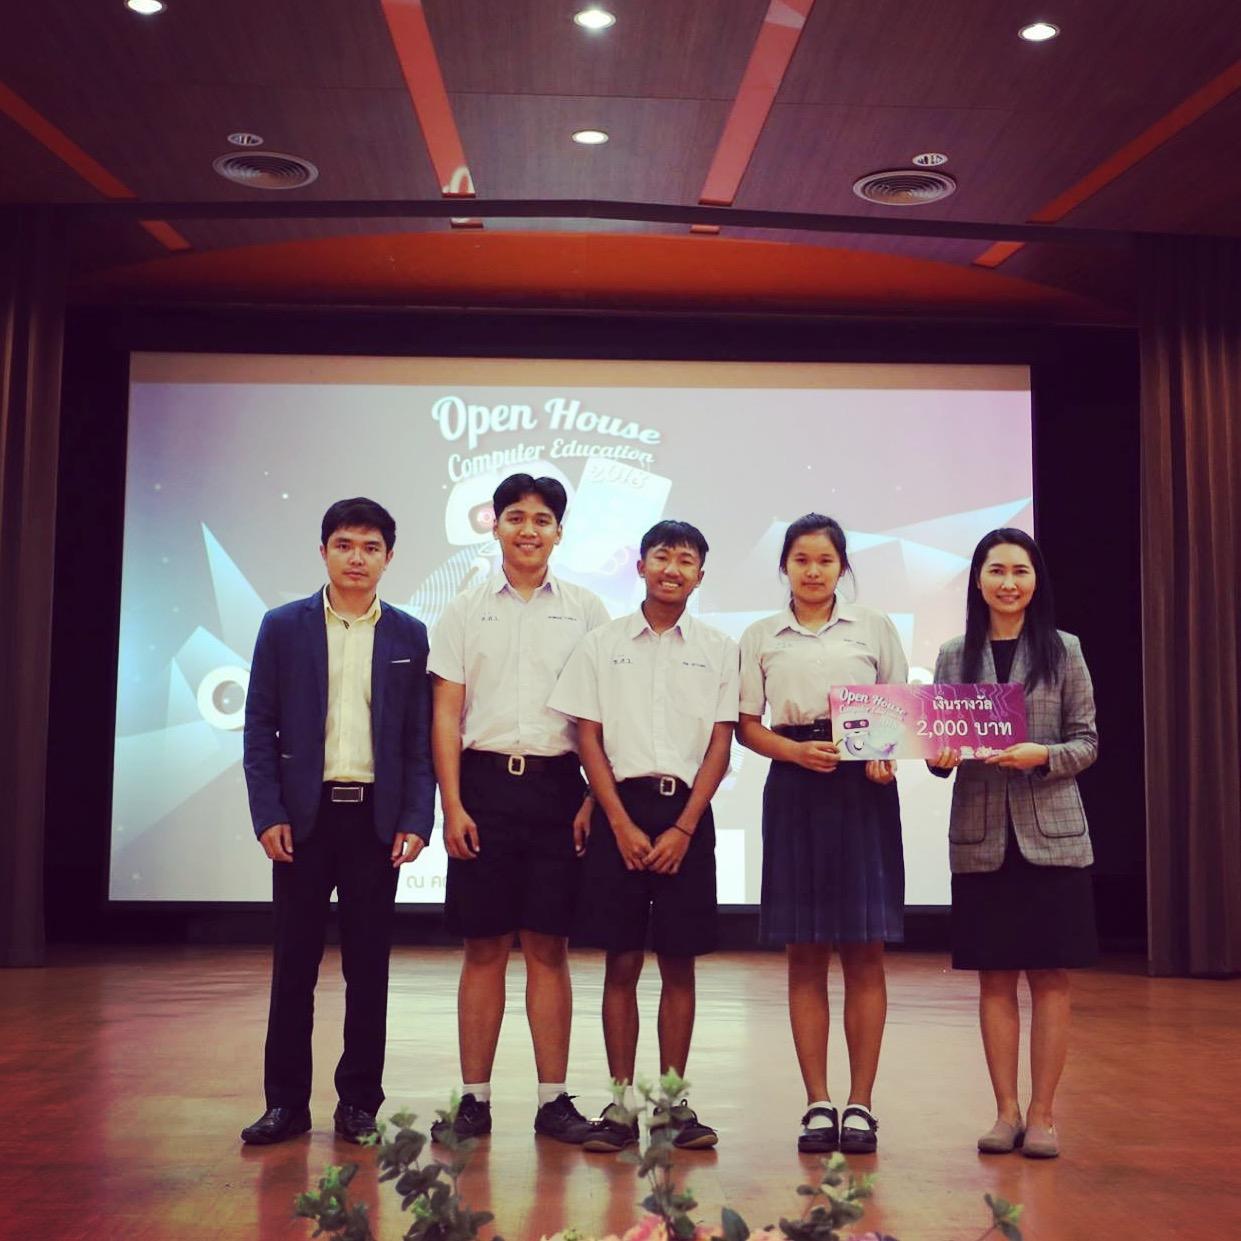 รองชนะเลิศการแข่งขันตัดต่อวีดีโอ โครงการ Computer Education Open House 2018 ณ คณะศึกษาศาสตร์ มหาวิทยาลัยขอนแก่น